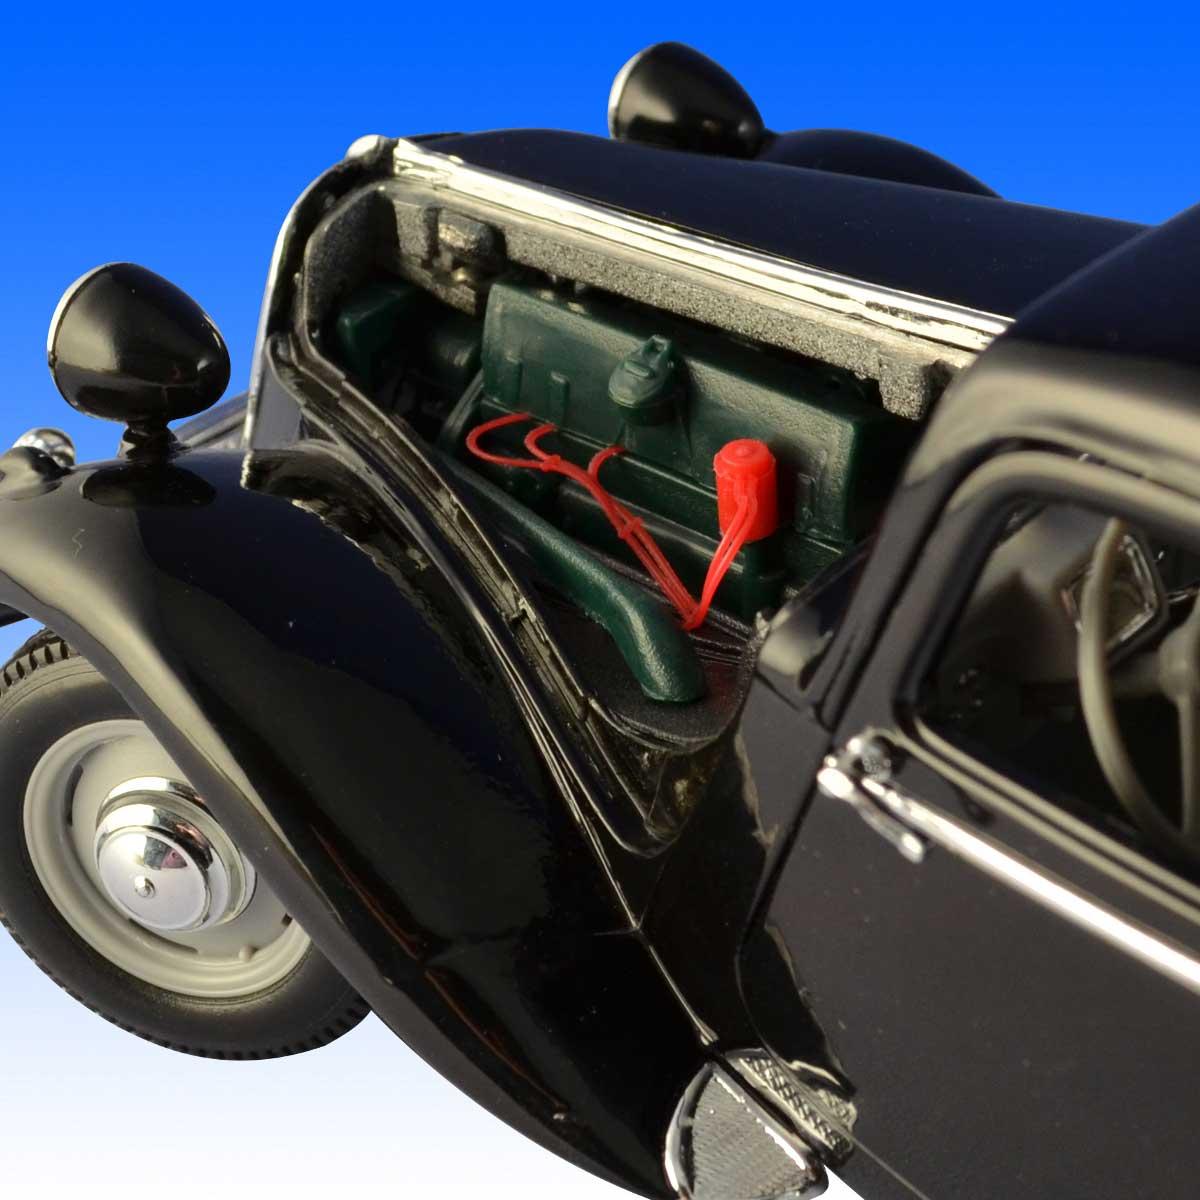 motorlack_auto570958e1e2df1